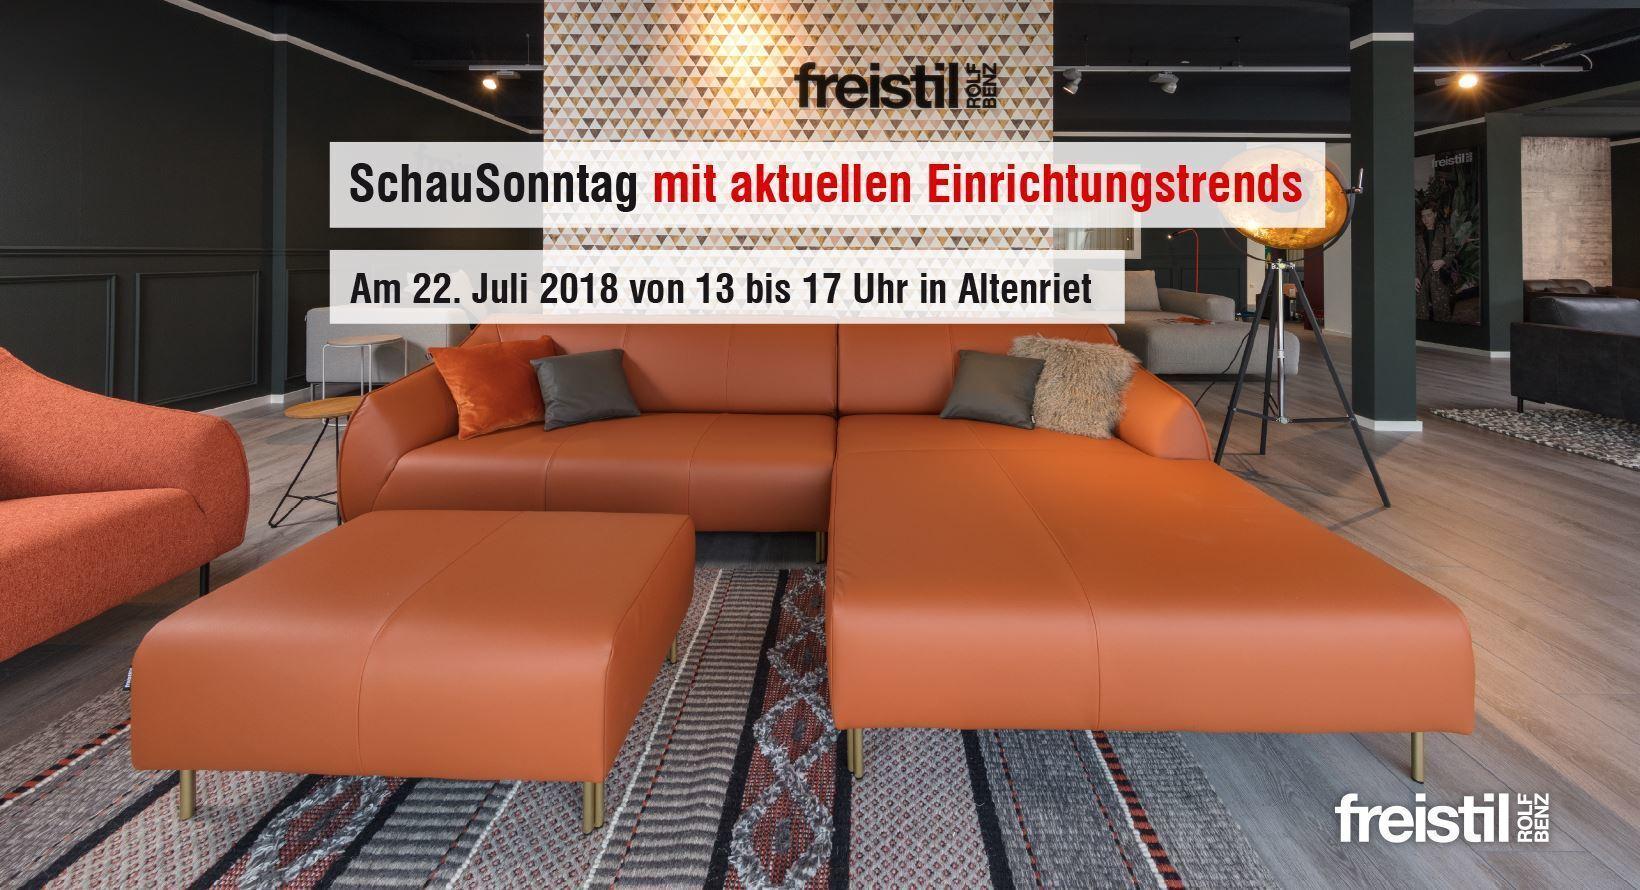 Fenchel Wohnfaszination Natürlicher Talalay Latex Kissengeschäft In Altenriet Baden Württemberg